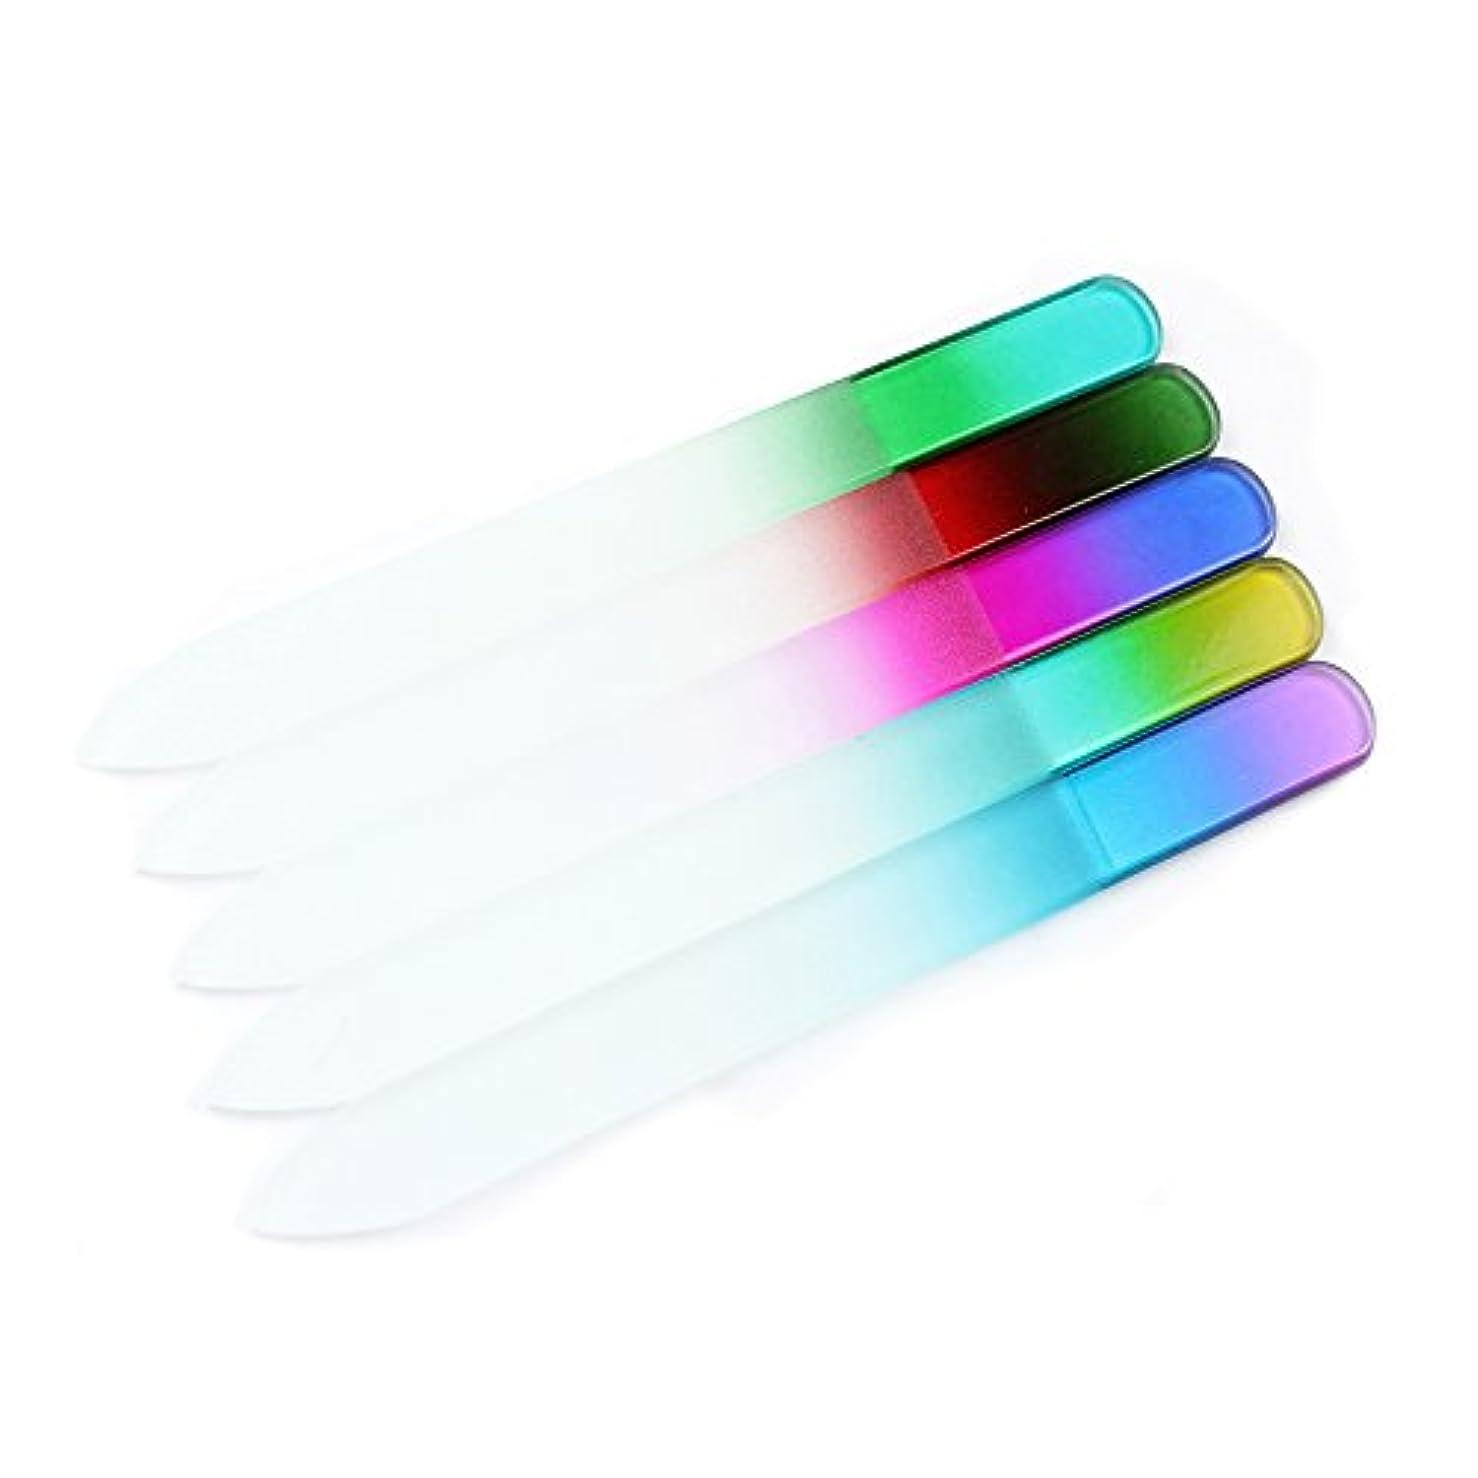 バスタブ自動危険にさらされているFingerAngel 爪やすり ガラス製 5個セット 削りやすいネイルヤスリ 両面タイプ ネイルケア